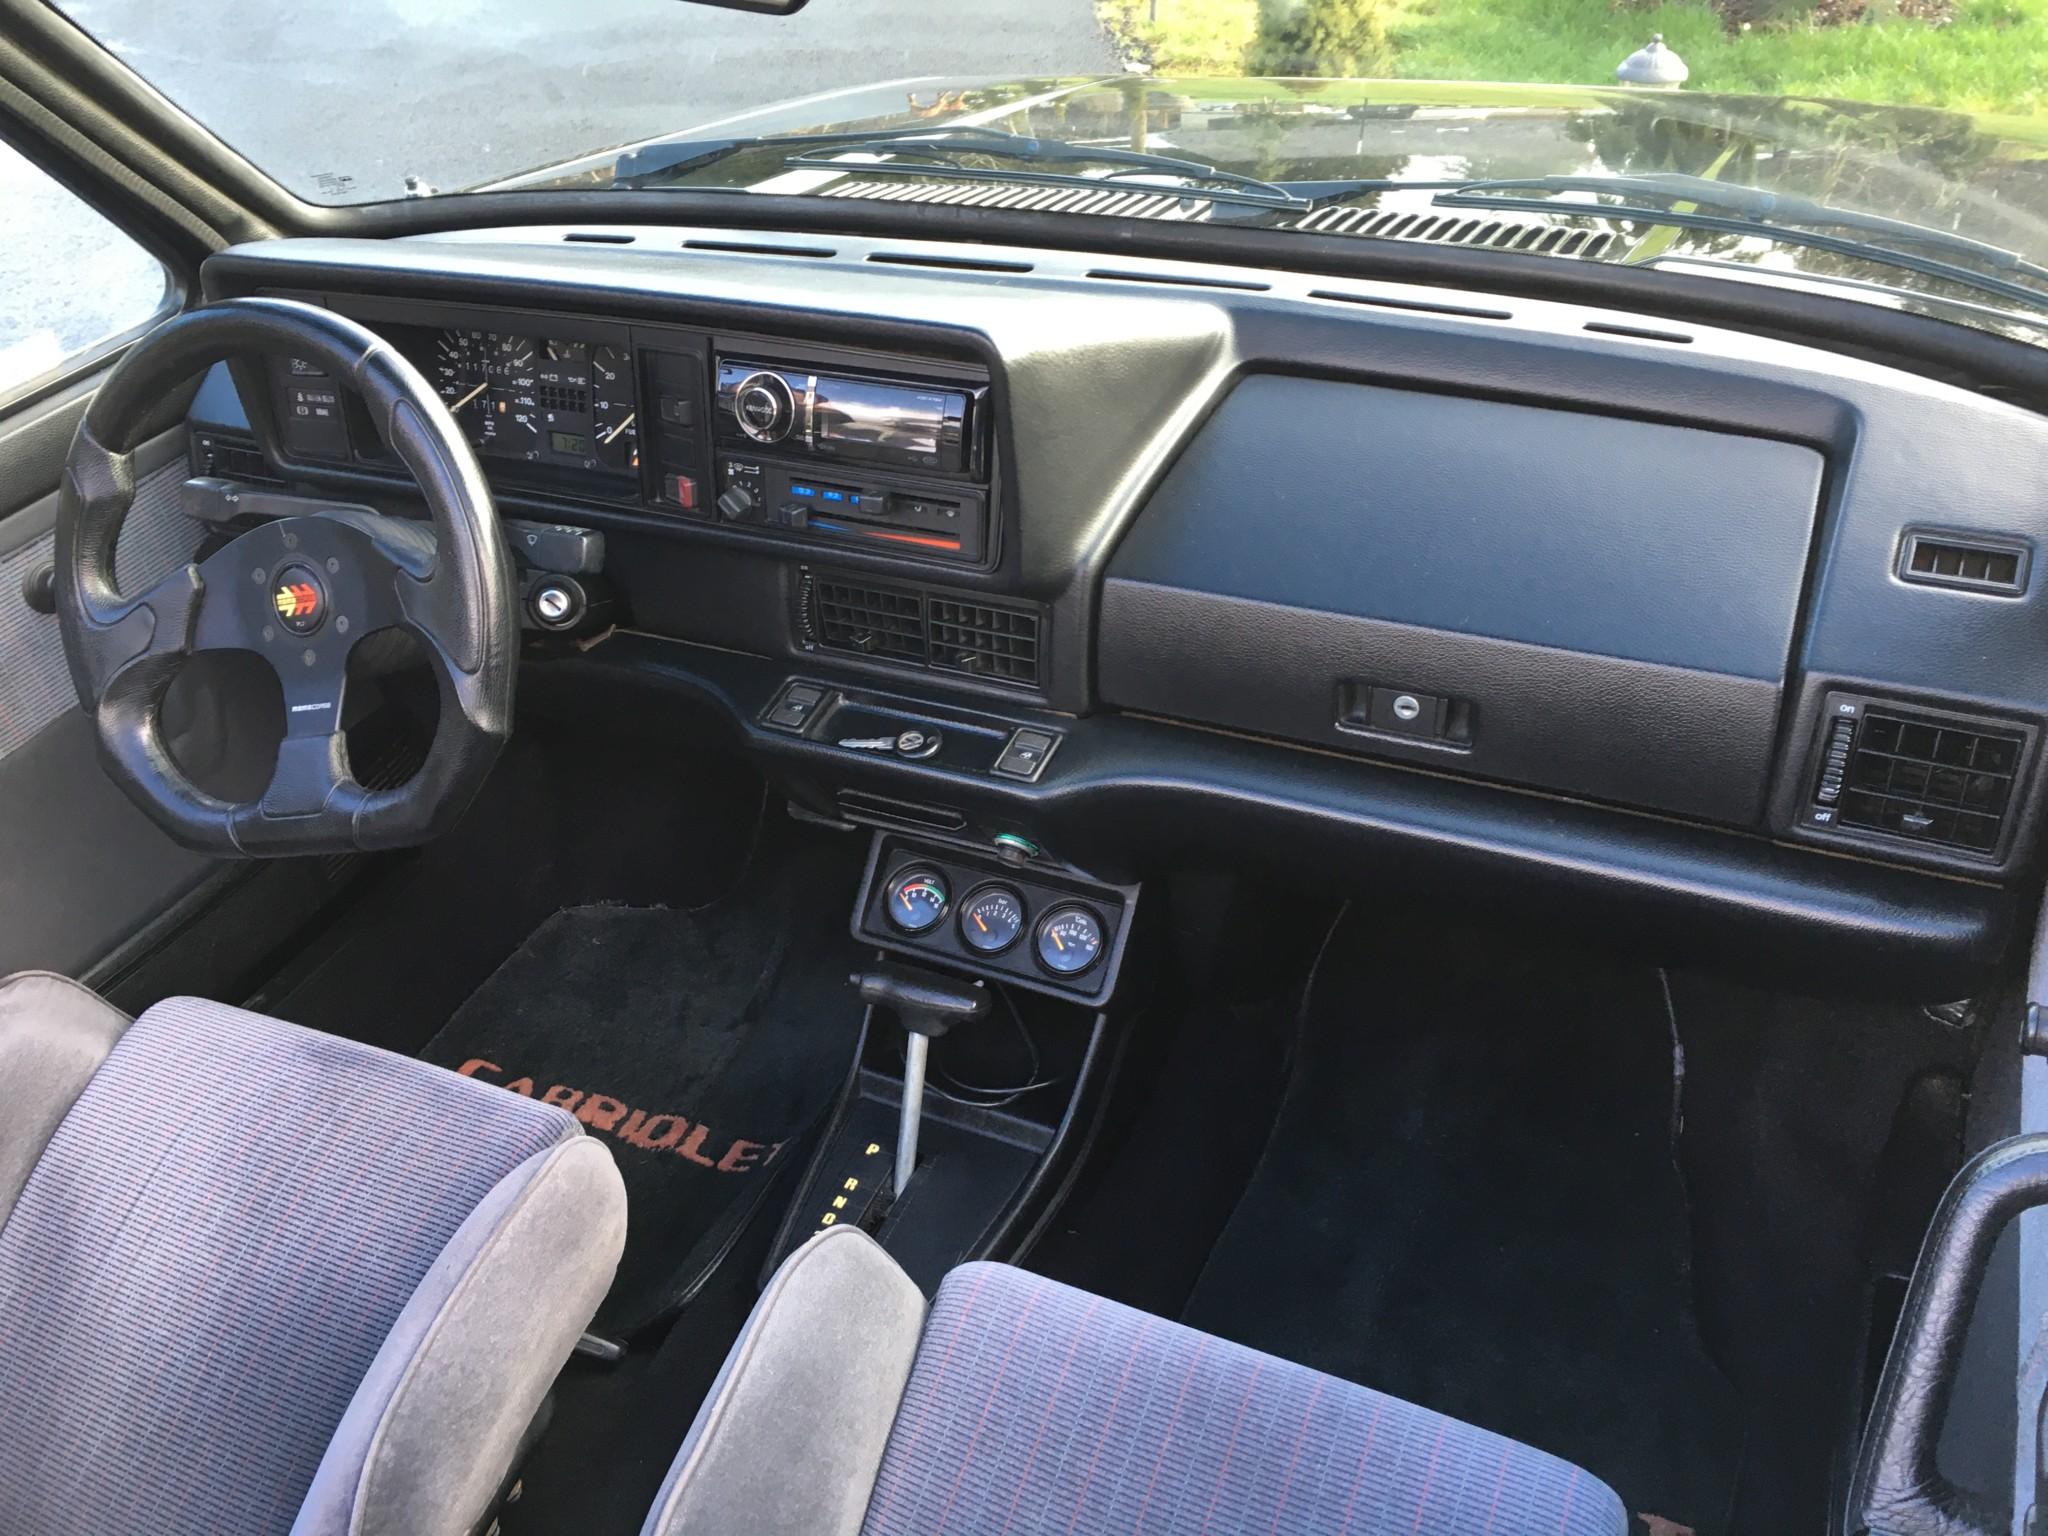 1990_volkswagen_cabriolet_158120634766e7dff9f98764da243E5A01-3C1B-4D68-AE38-3CC888B46C3F